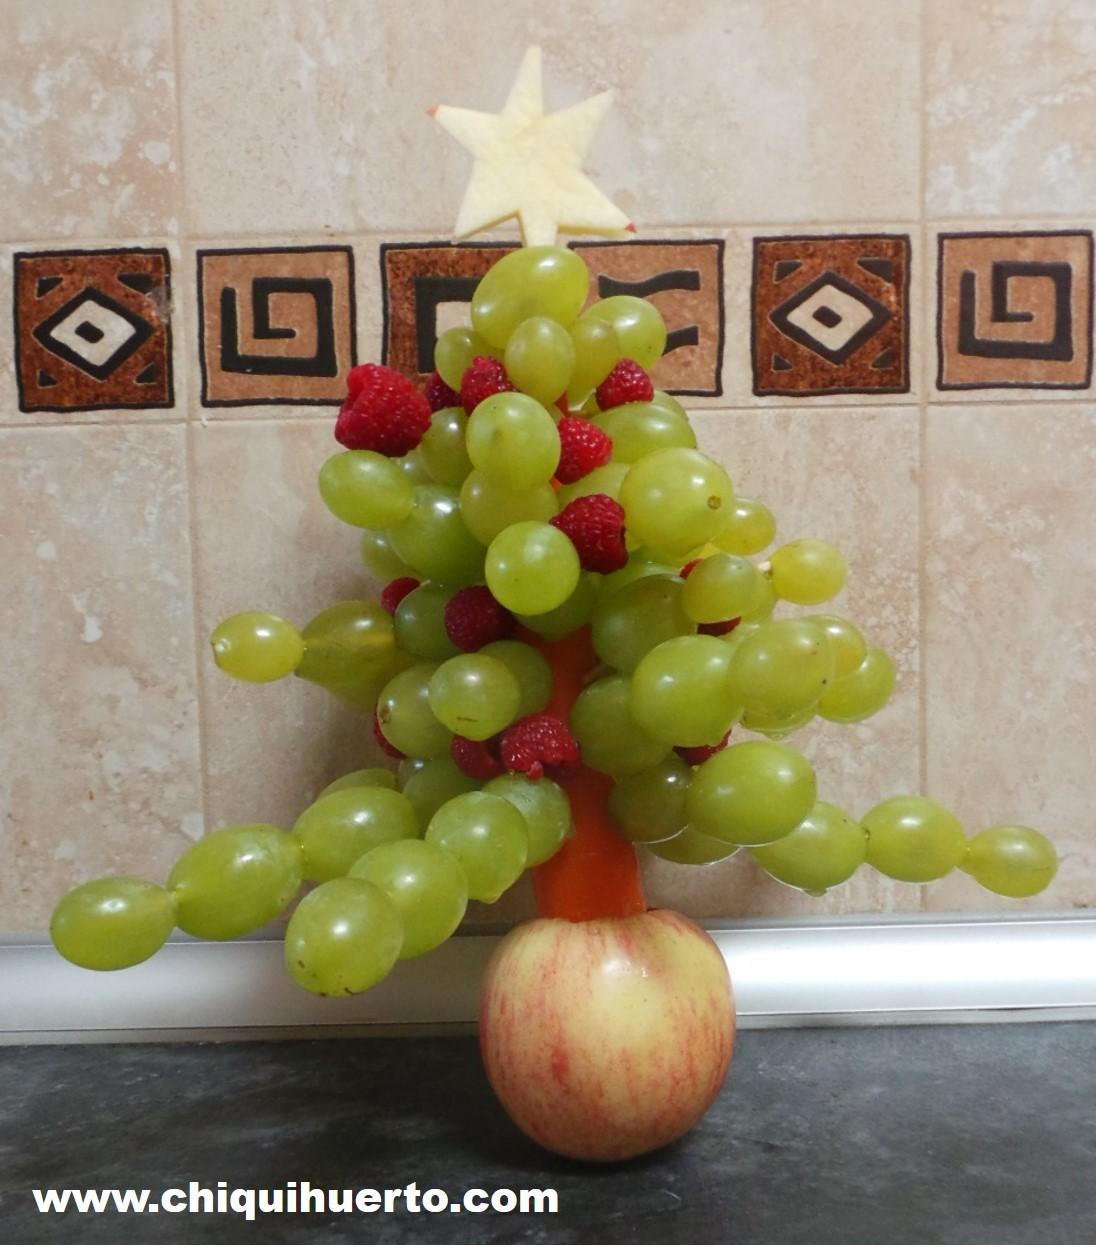 arbol-de-navidad-con-uvas-4